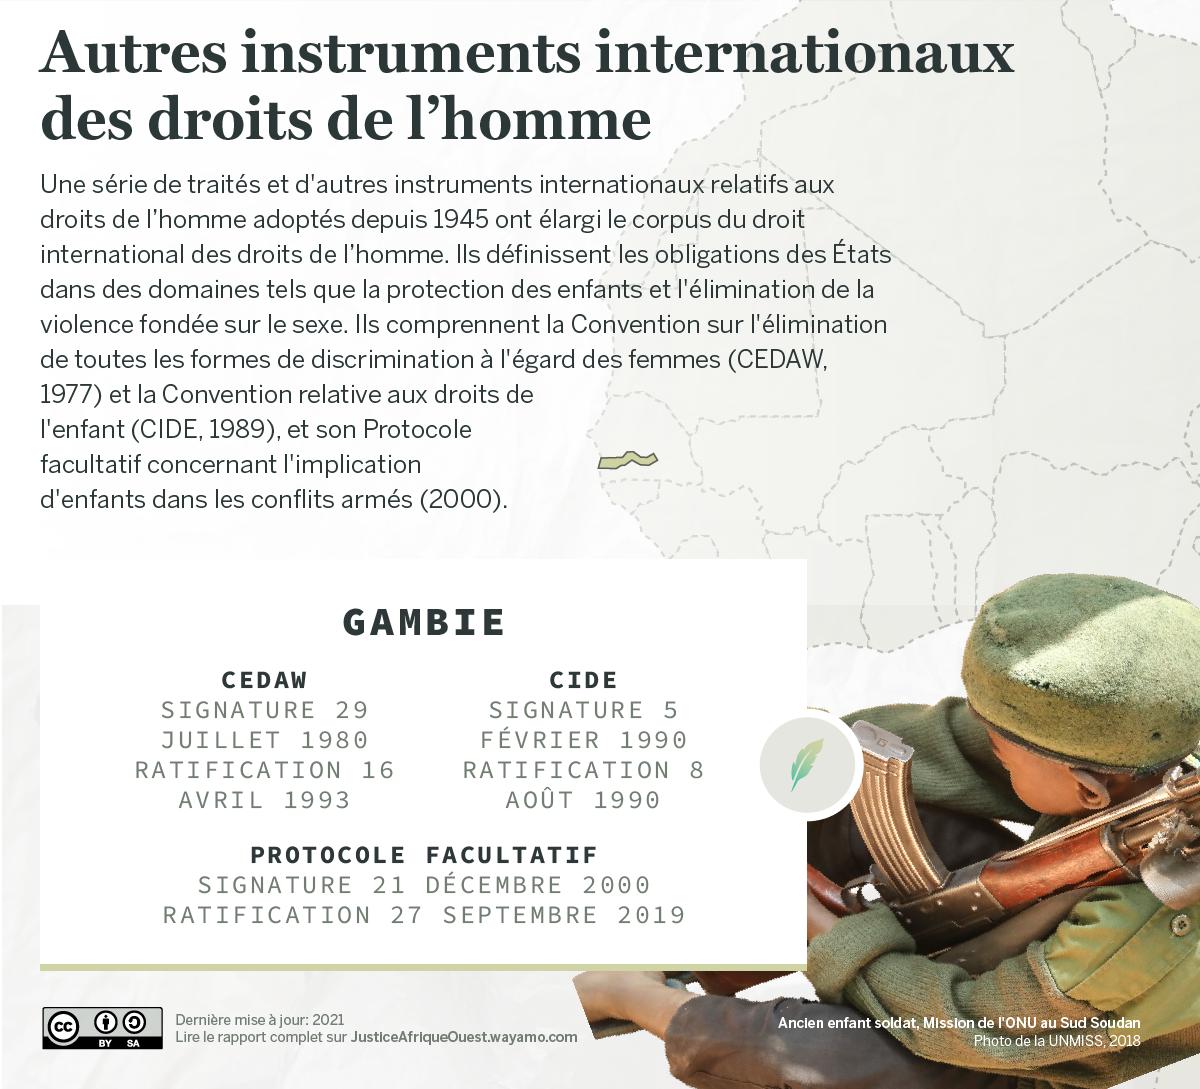 GAMBIE_Droits de l'homme_2 - Wayamo Foundation (CC BY-SA 4.0)